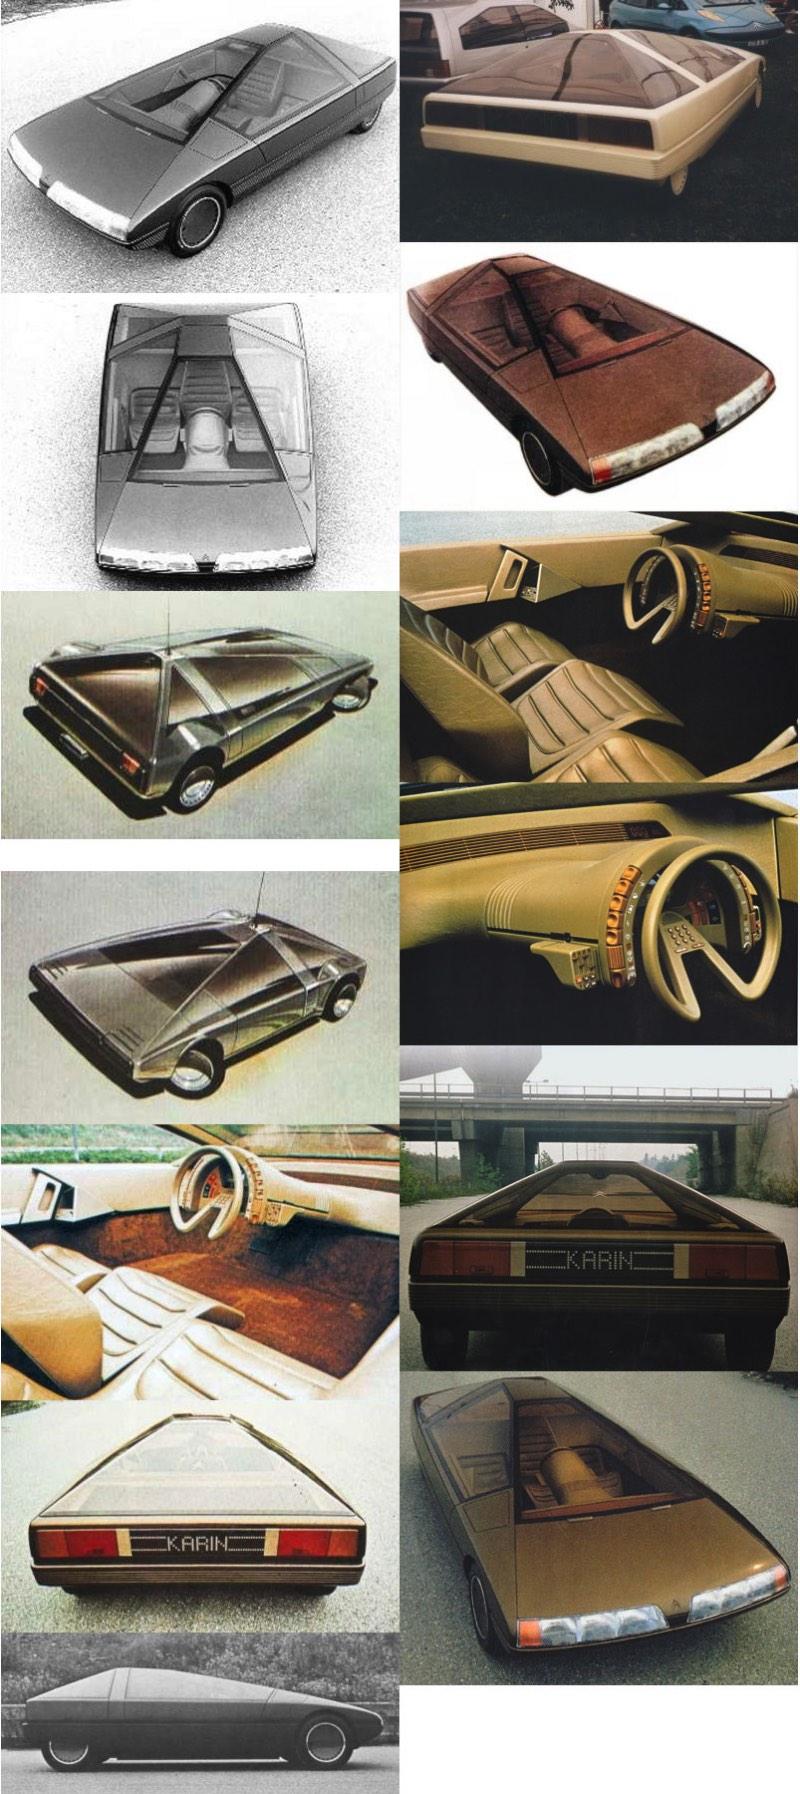 A história diz que a Citroën não tinha nenhum automóvel novo para apresentar no Salão de Paris de 1980 e por isso mesmo deu toda a liberdade para que Trevor Fiore criasse um modelo para o evento. E, de toda a liberdade que Trevor Fiore recebeu surgiu o Citroën Karin, um dos veículos mais interessantes que já saíram dos anos oitenta.